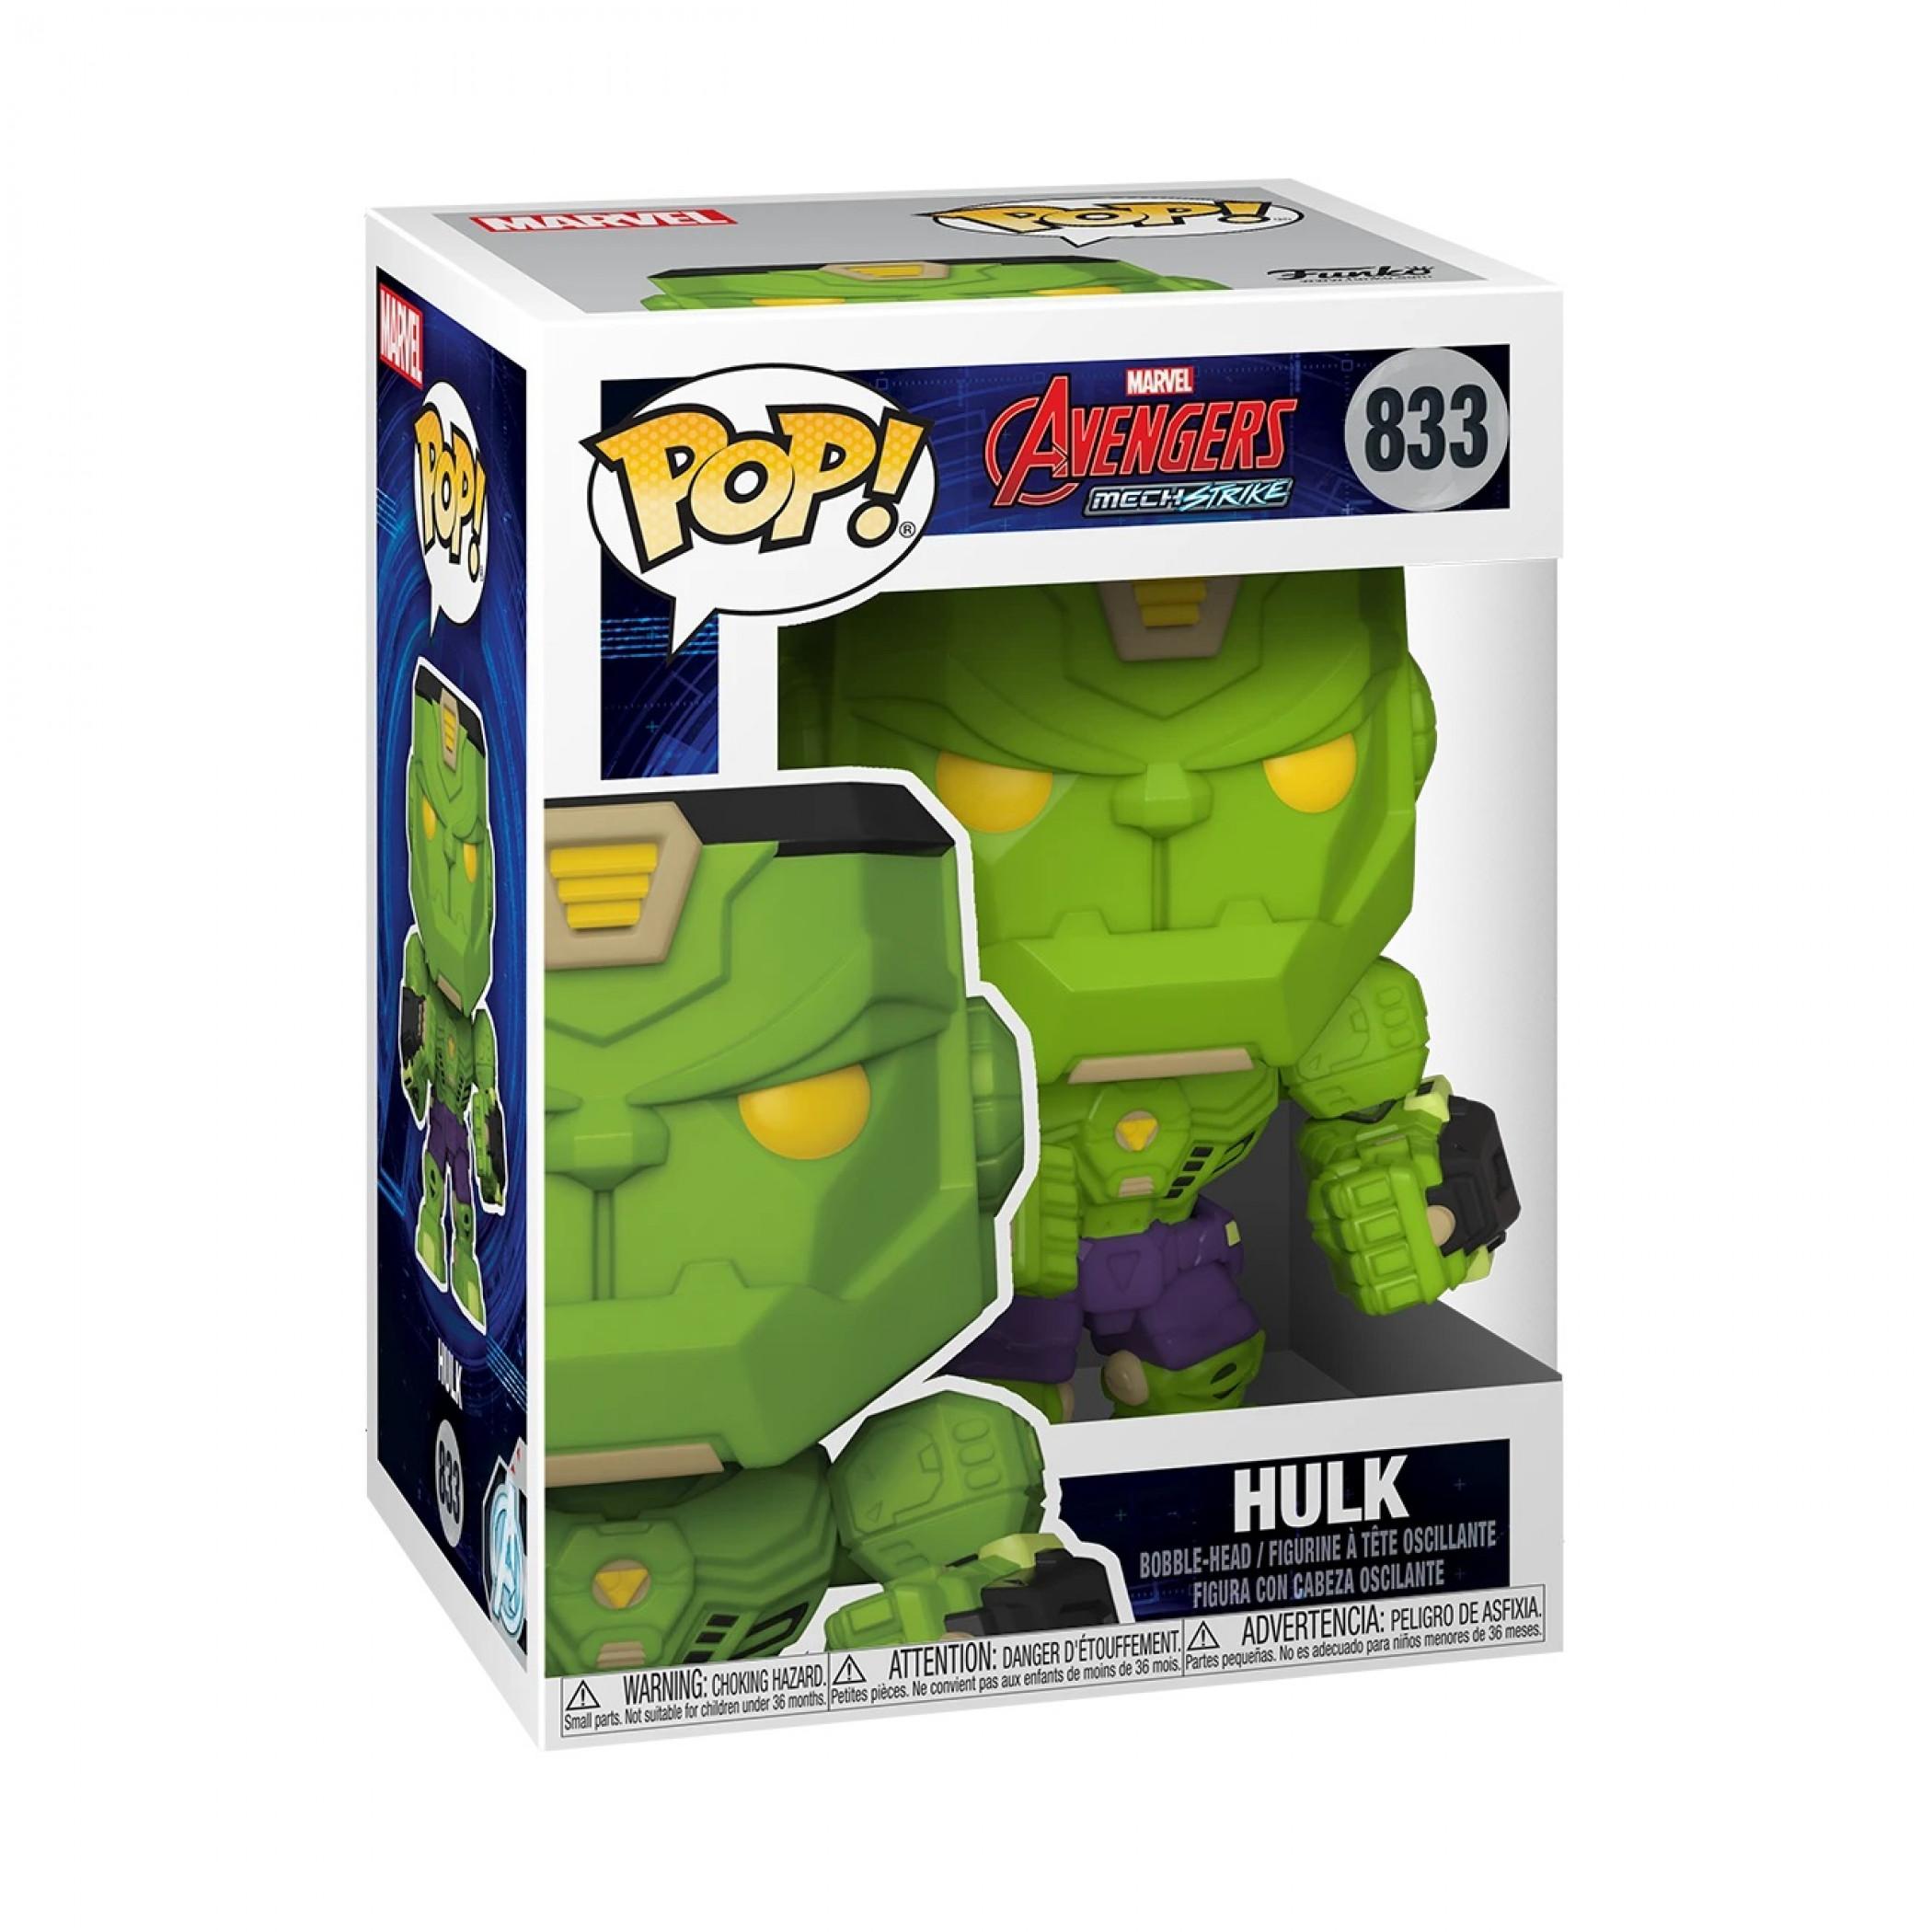 The Hulk Marvel Marvel Mech Funko Pop! Vinyl Figure